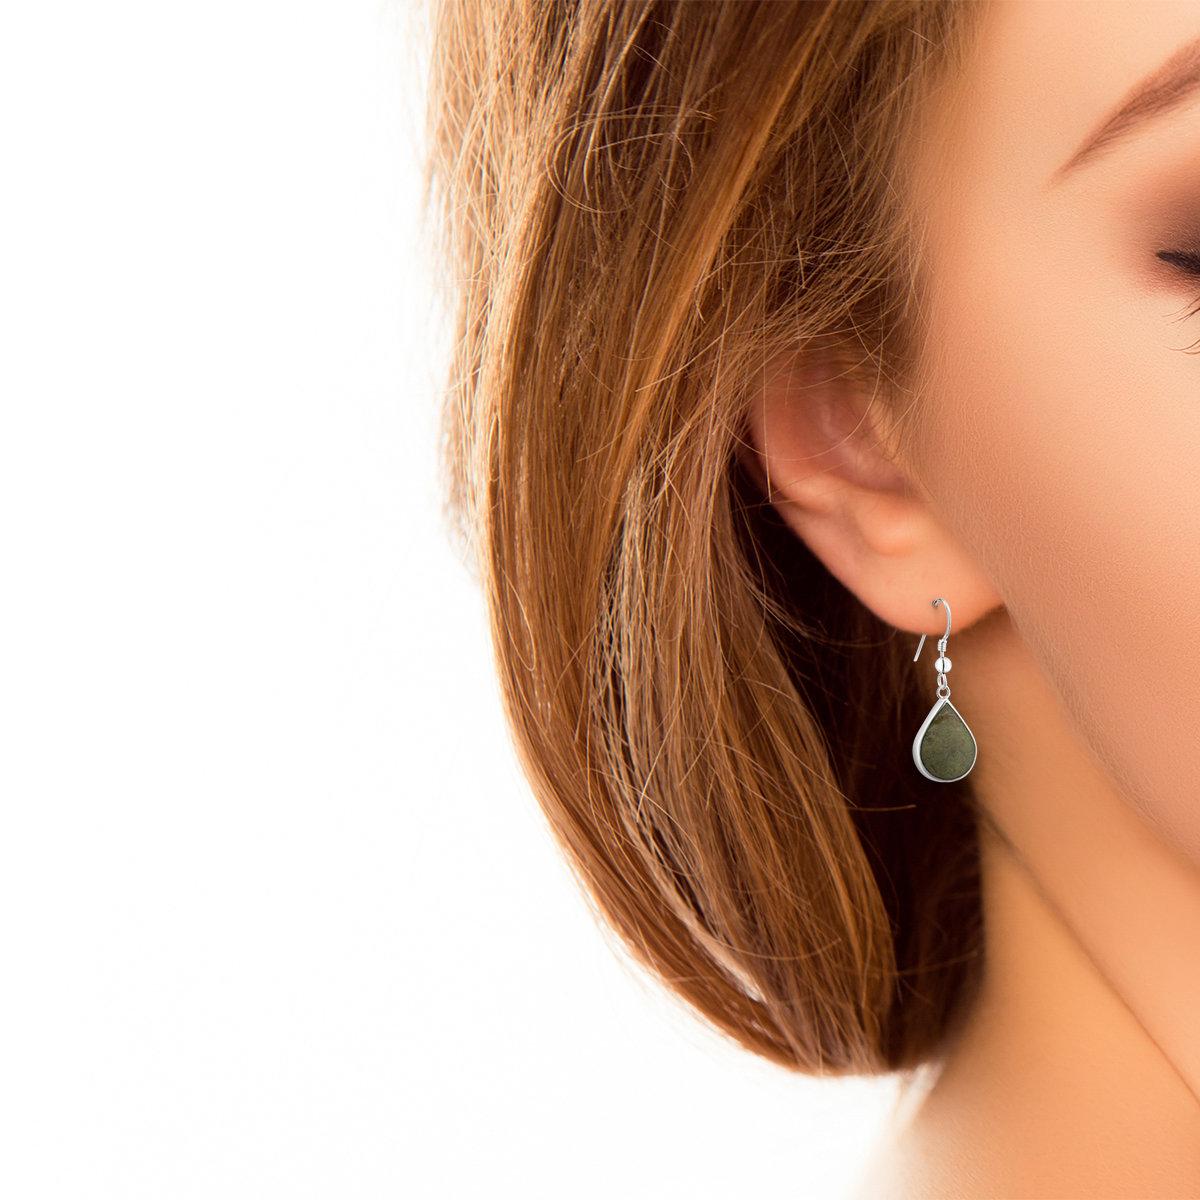 silver tear drop marble drop earrings S34018 presented on a model